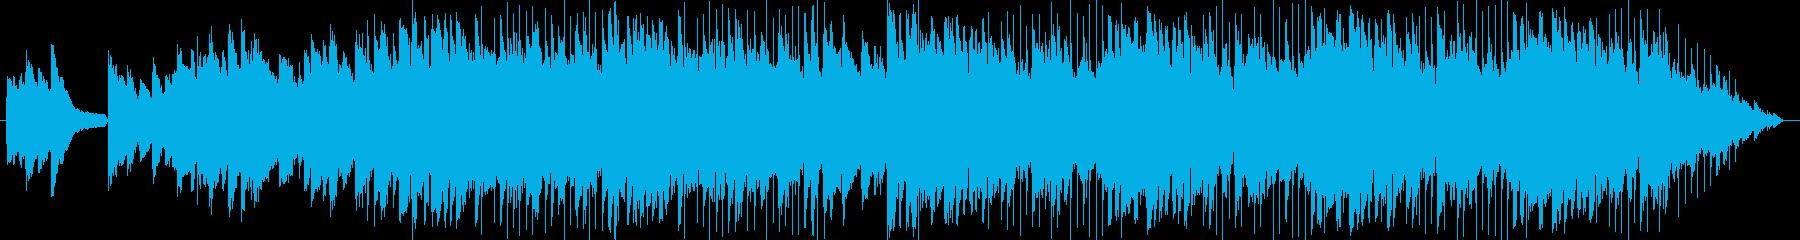 切ないエレキとピアノの再生済みの波形